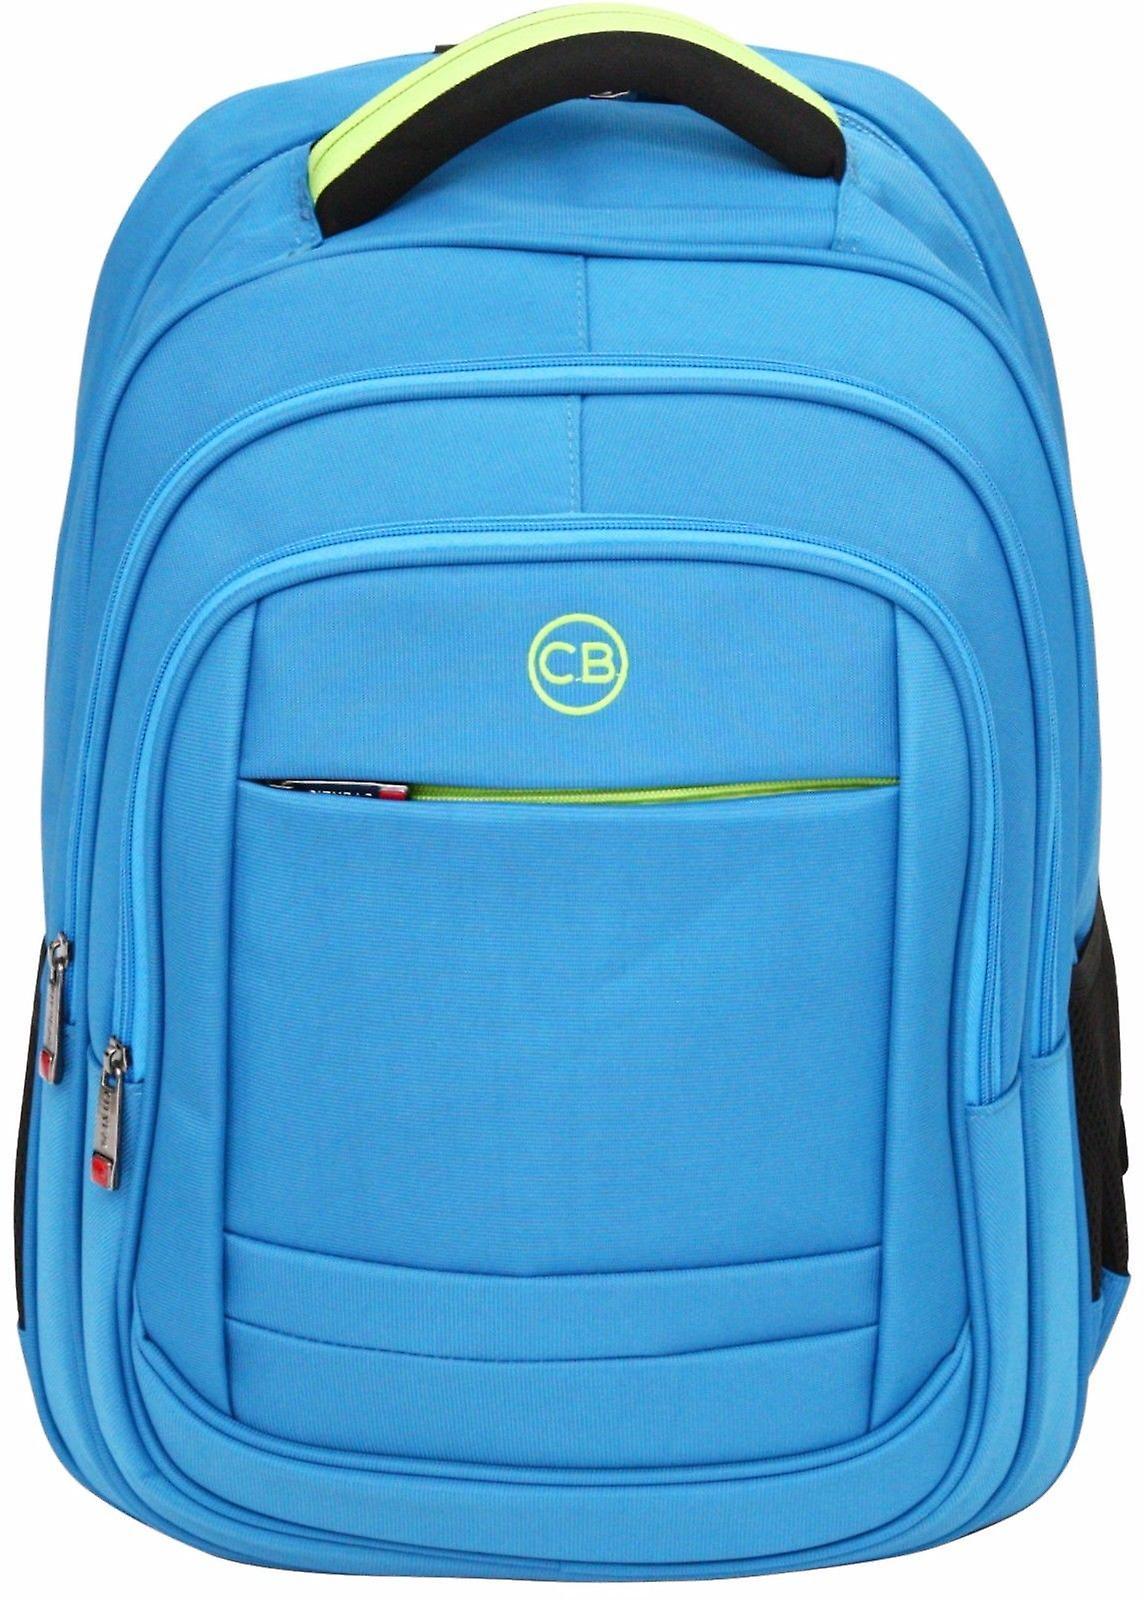 City Bag Laptop Backpack School Bag Business Case Rucksack Travel College